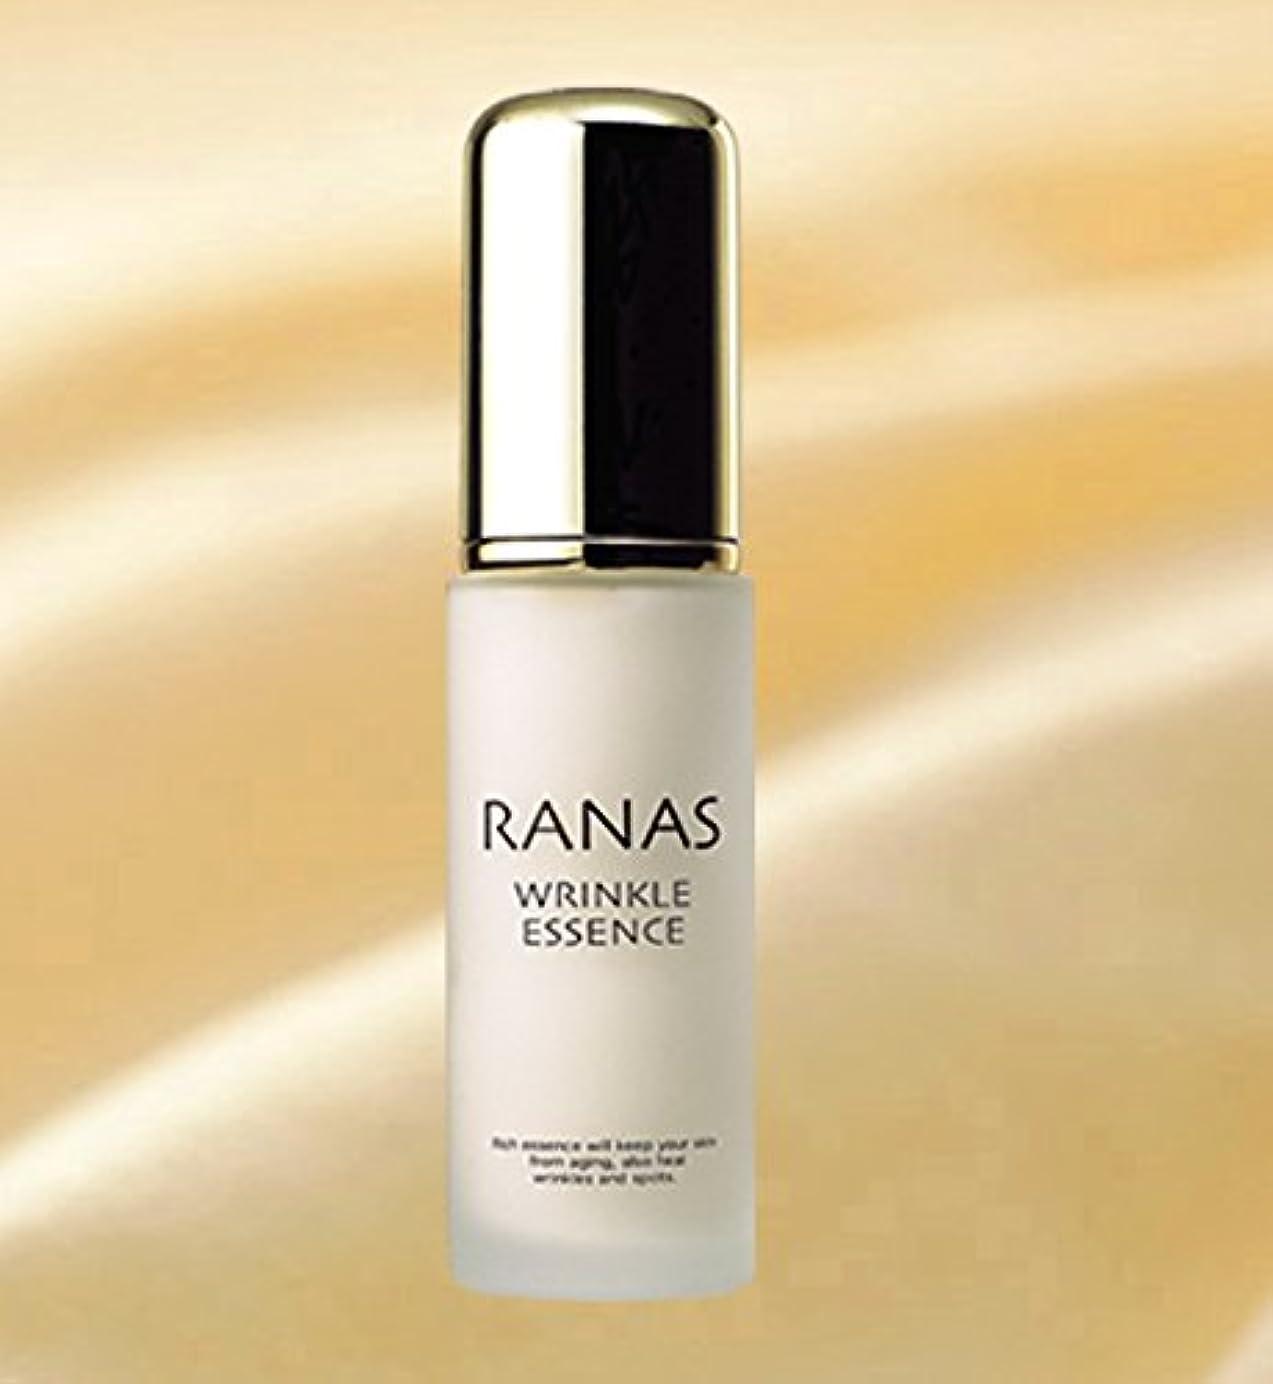 テニス本土実行可能ラナス スペシャル リンクルエッセンス (30ml) Ranas Special Wrinkle Essence (Beauty Essence)